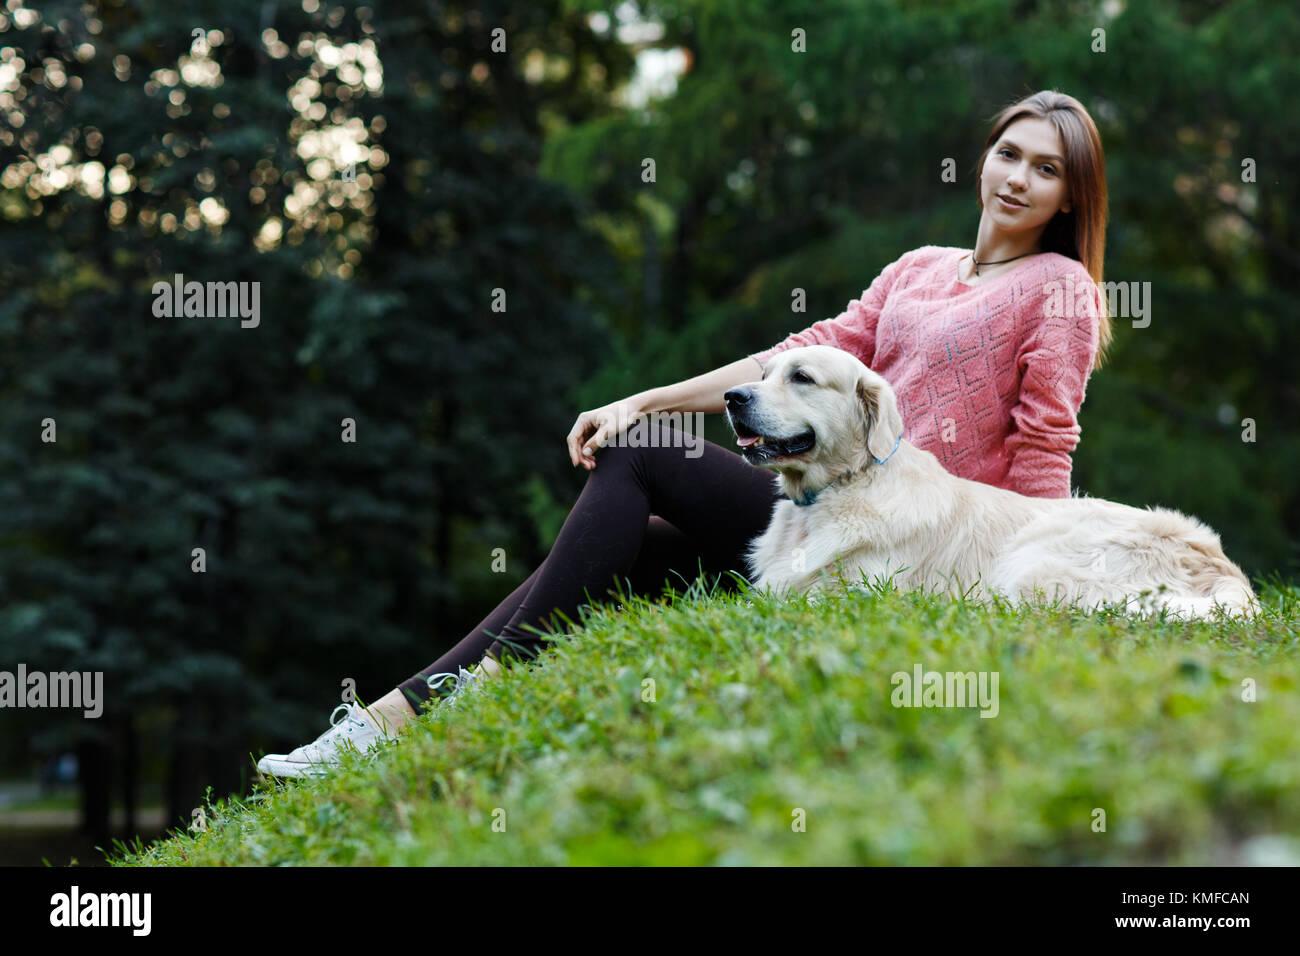 Foto von Mädchen sitzen mit Hund auf dem grünen Rasen im Sommer Tag Stockbild